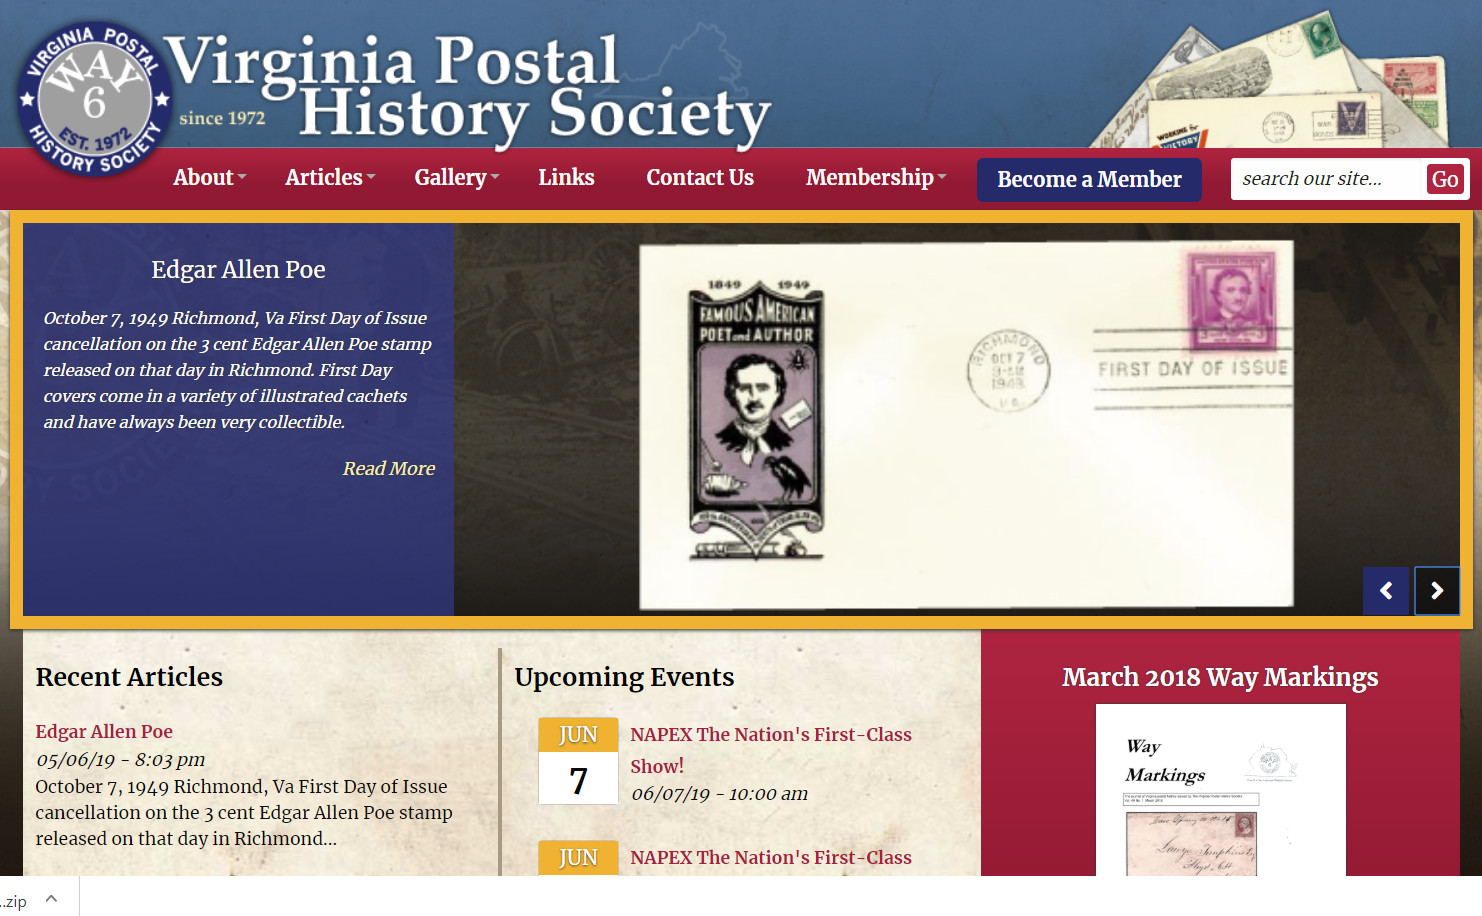 The Virginia Postal History Society has a new website!